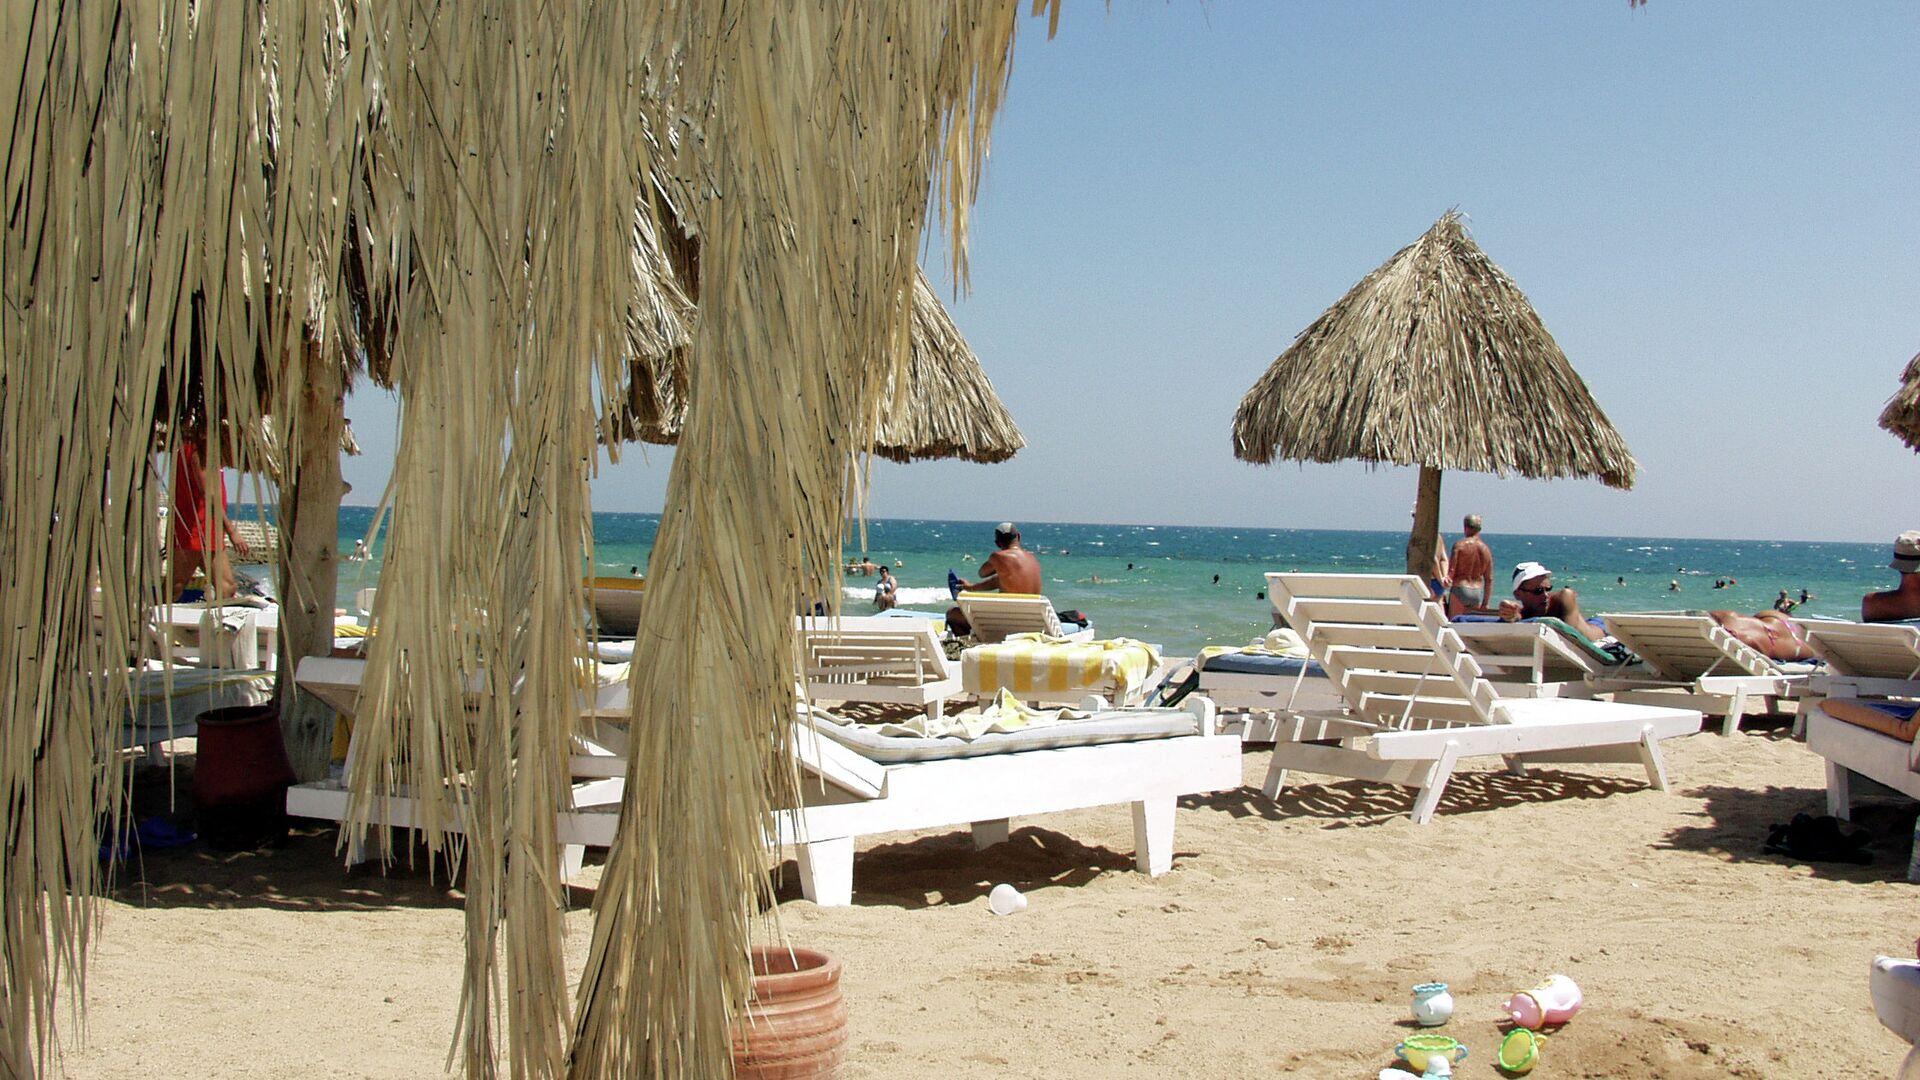 Пляж отеля Жасмин в египетской Хургаде - РИА Новости, 1920, 26.07.2021